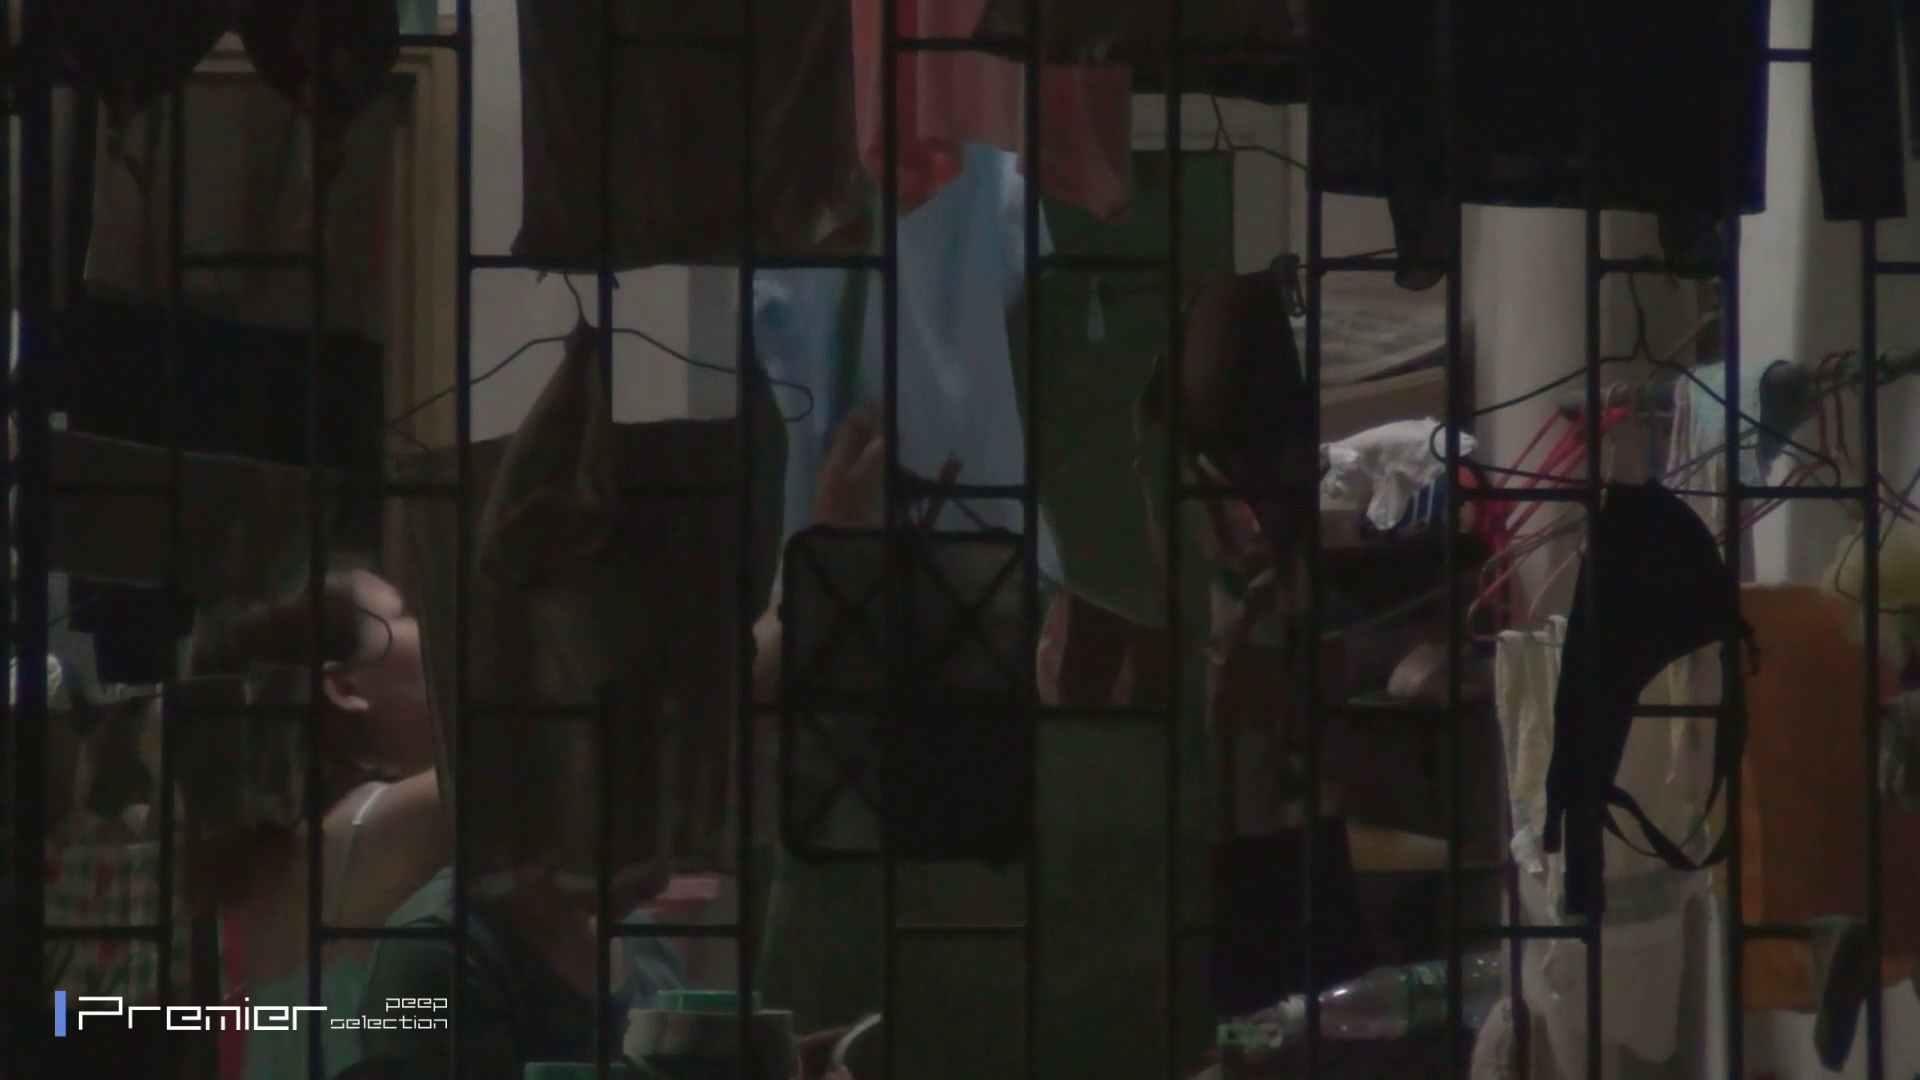 美女の痴態に密着!洗濯物を干す女 Vol.07 美女H映像 | 洗面所  29画像 15